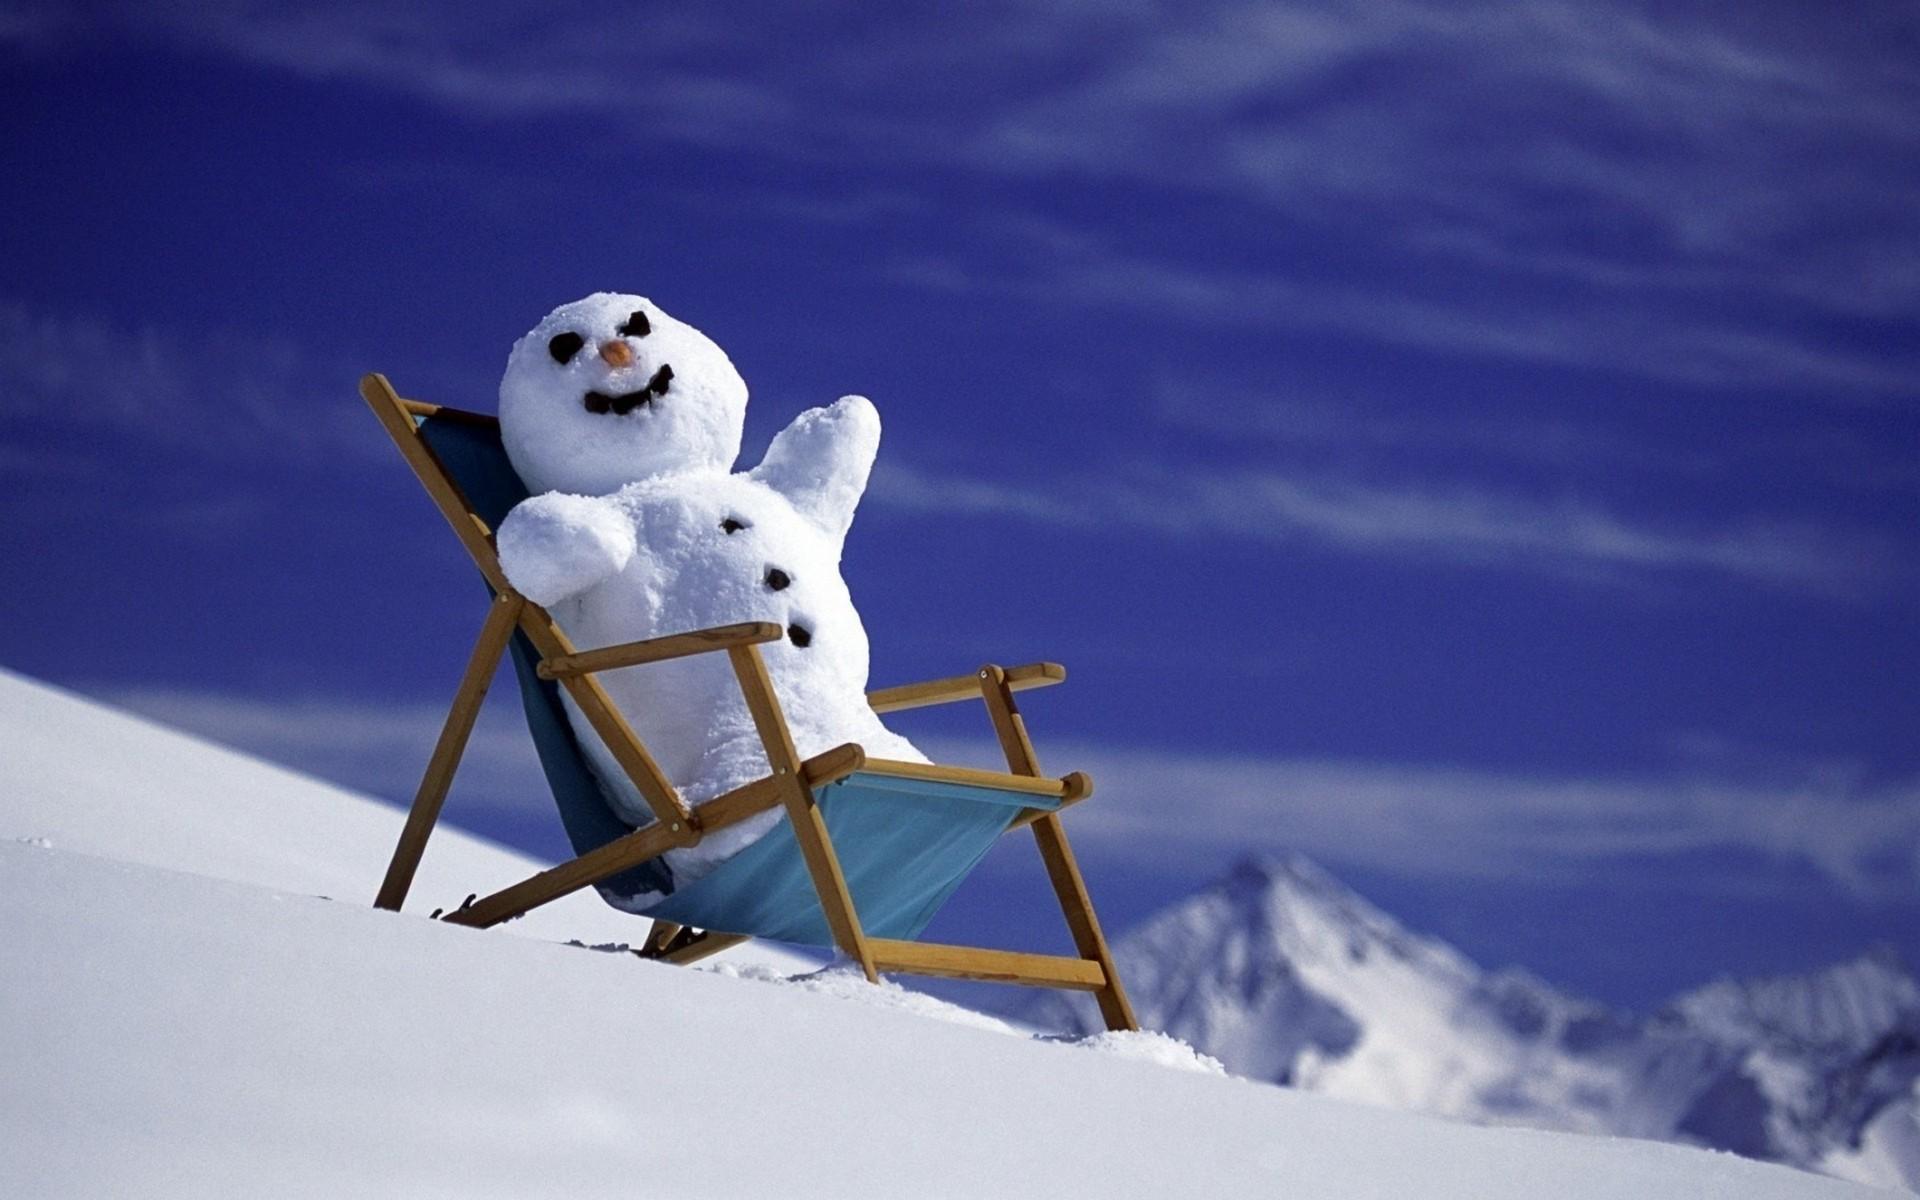 デスクトップ壁紙 冬 雪だるま 天気 シーズン 地球の雰囲気